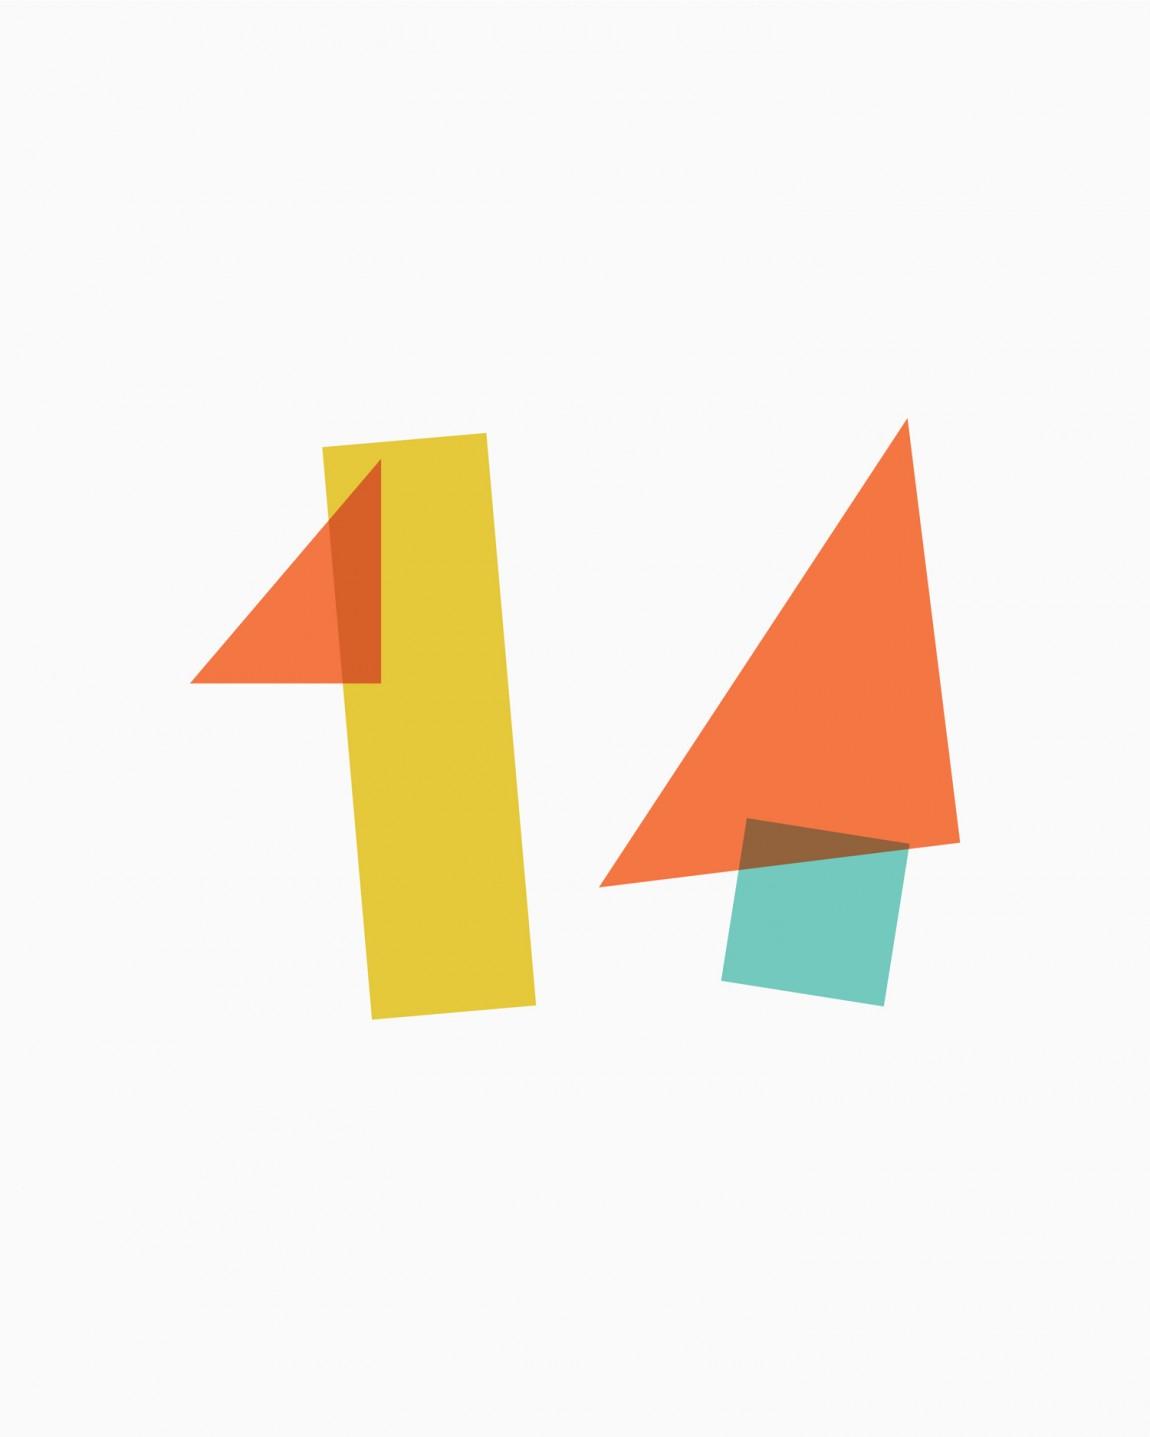 14 Islands数字开发公司企业品牌设计,图形logo设计